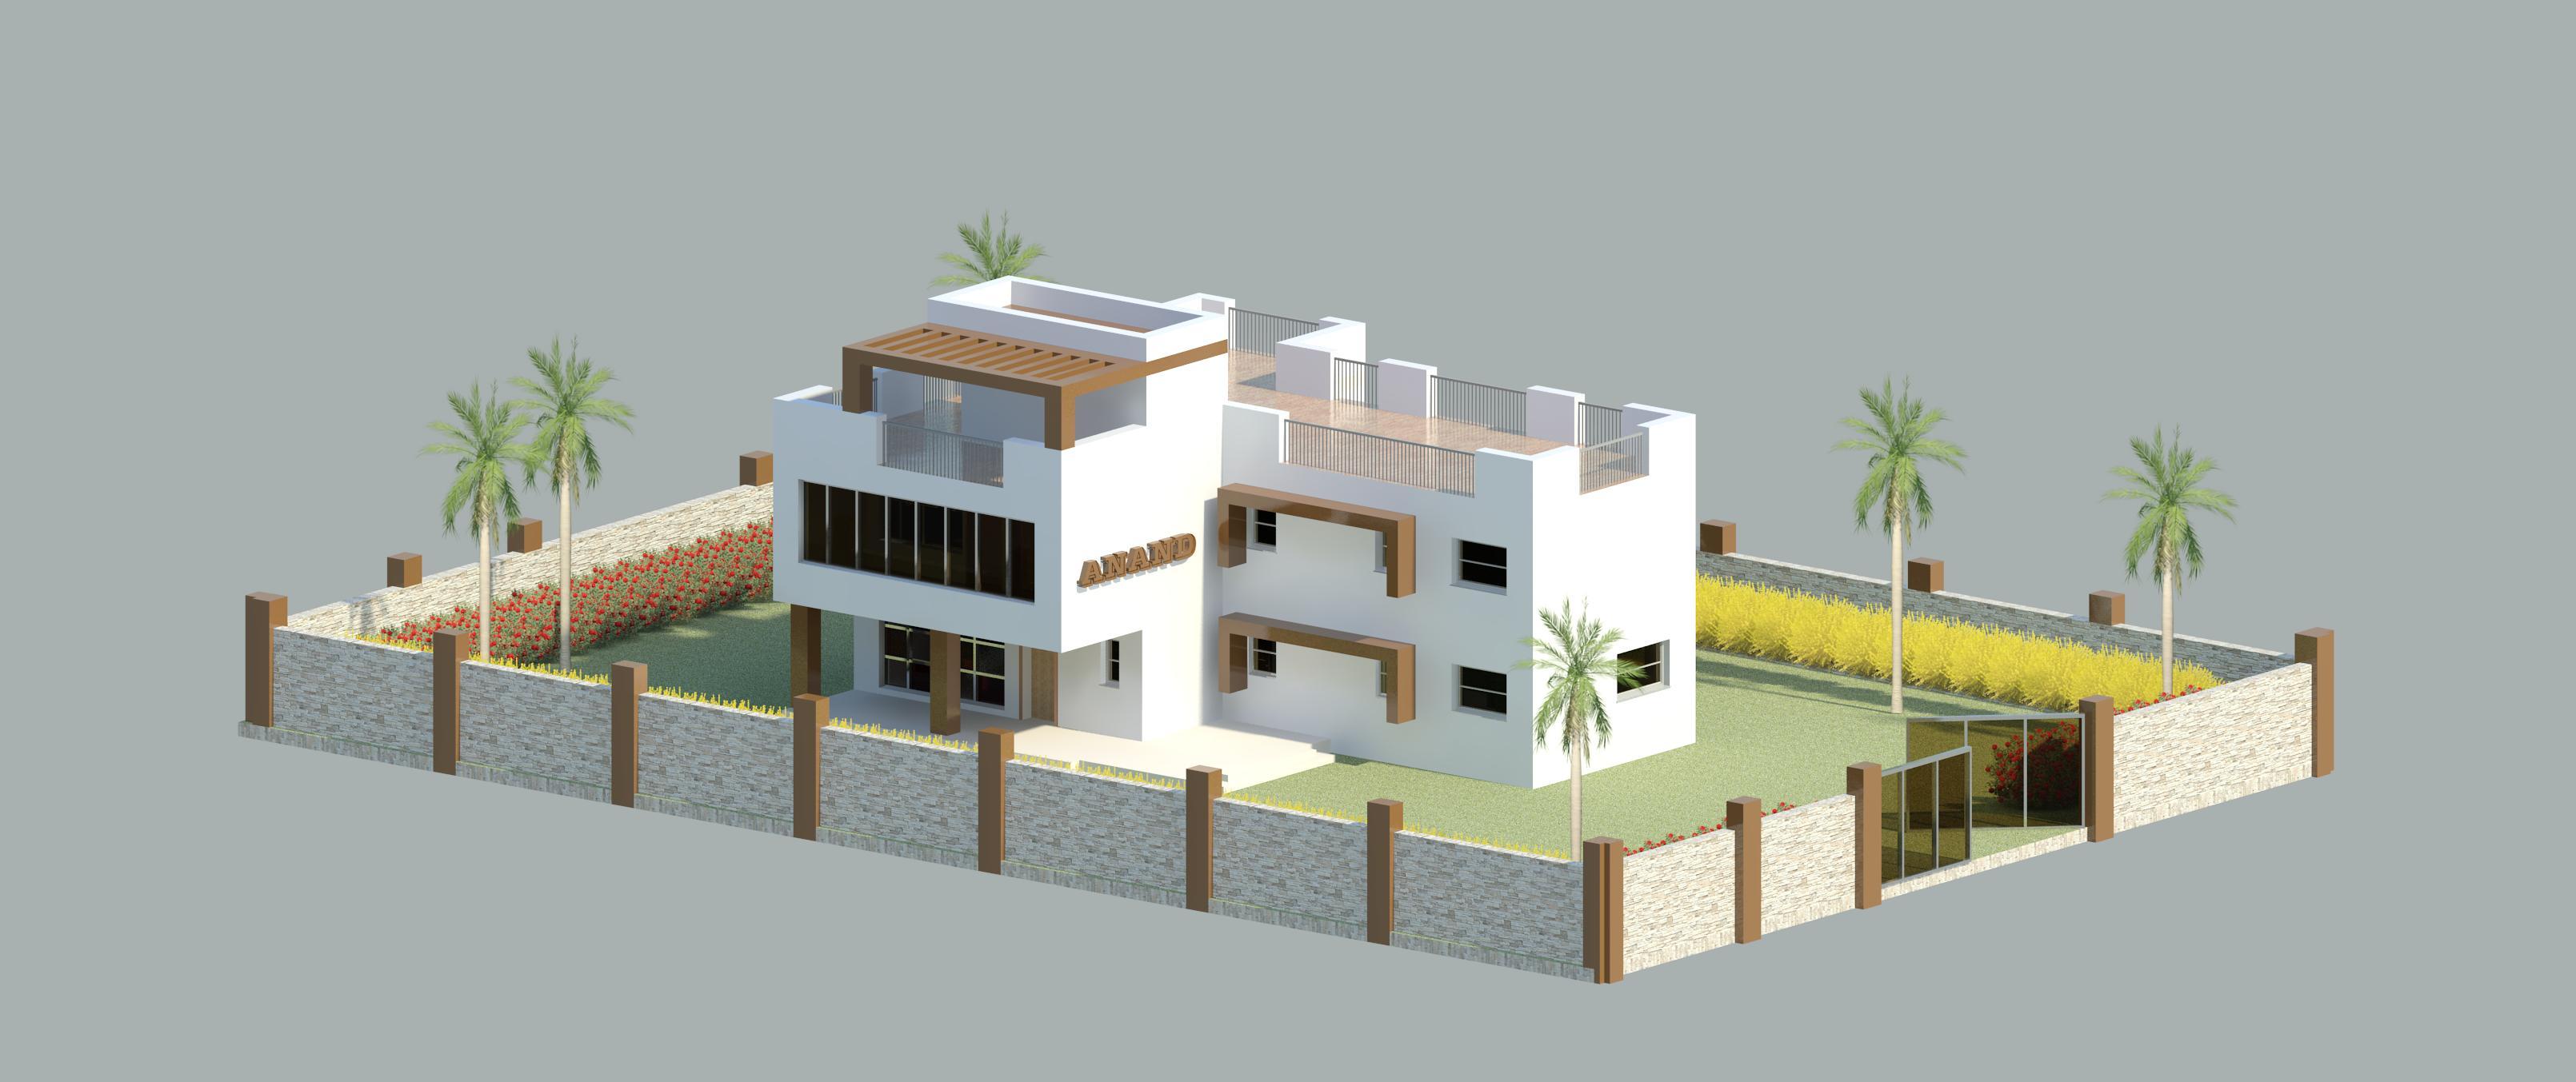 Design cottage front elevation joy studio design gallery - Best 3d home design software free download ...